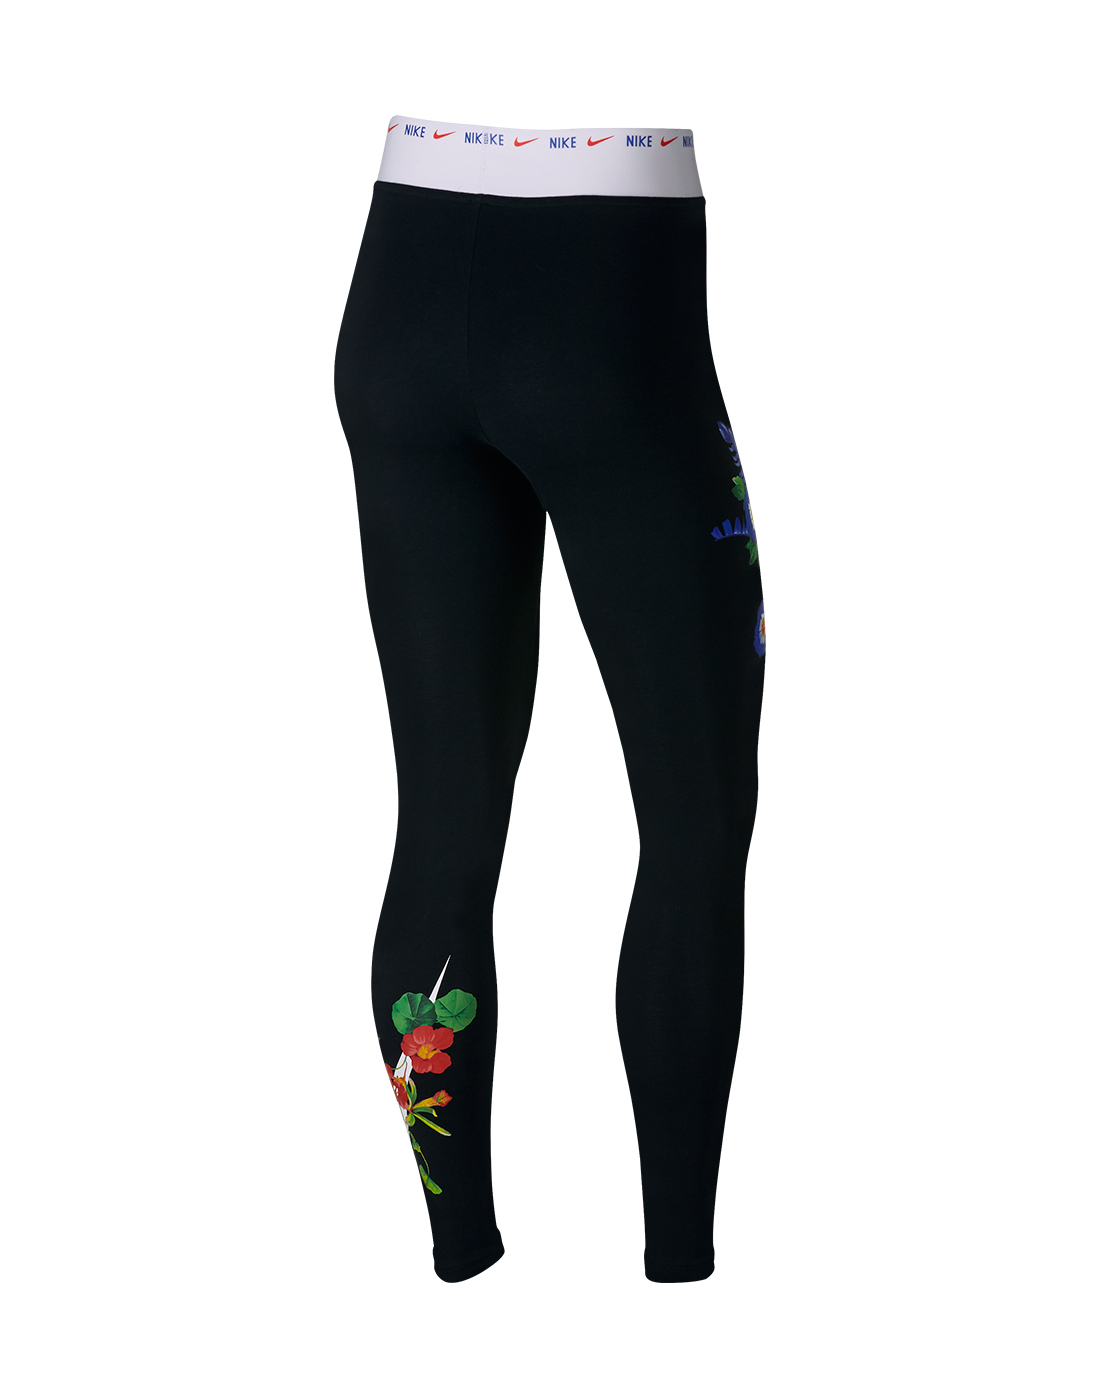 b44d082032714 Womens Hyper Femme Legging · Womens Hyper Femme Legging